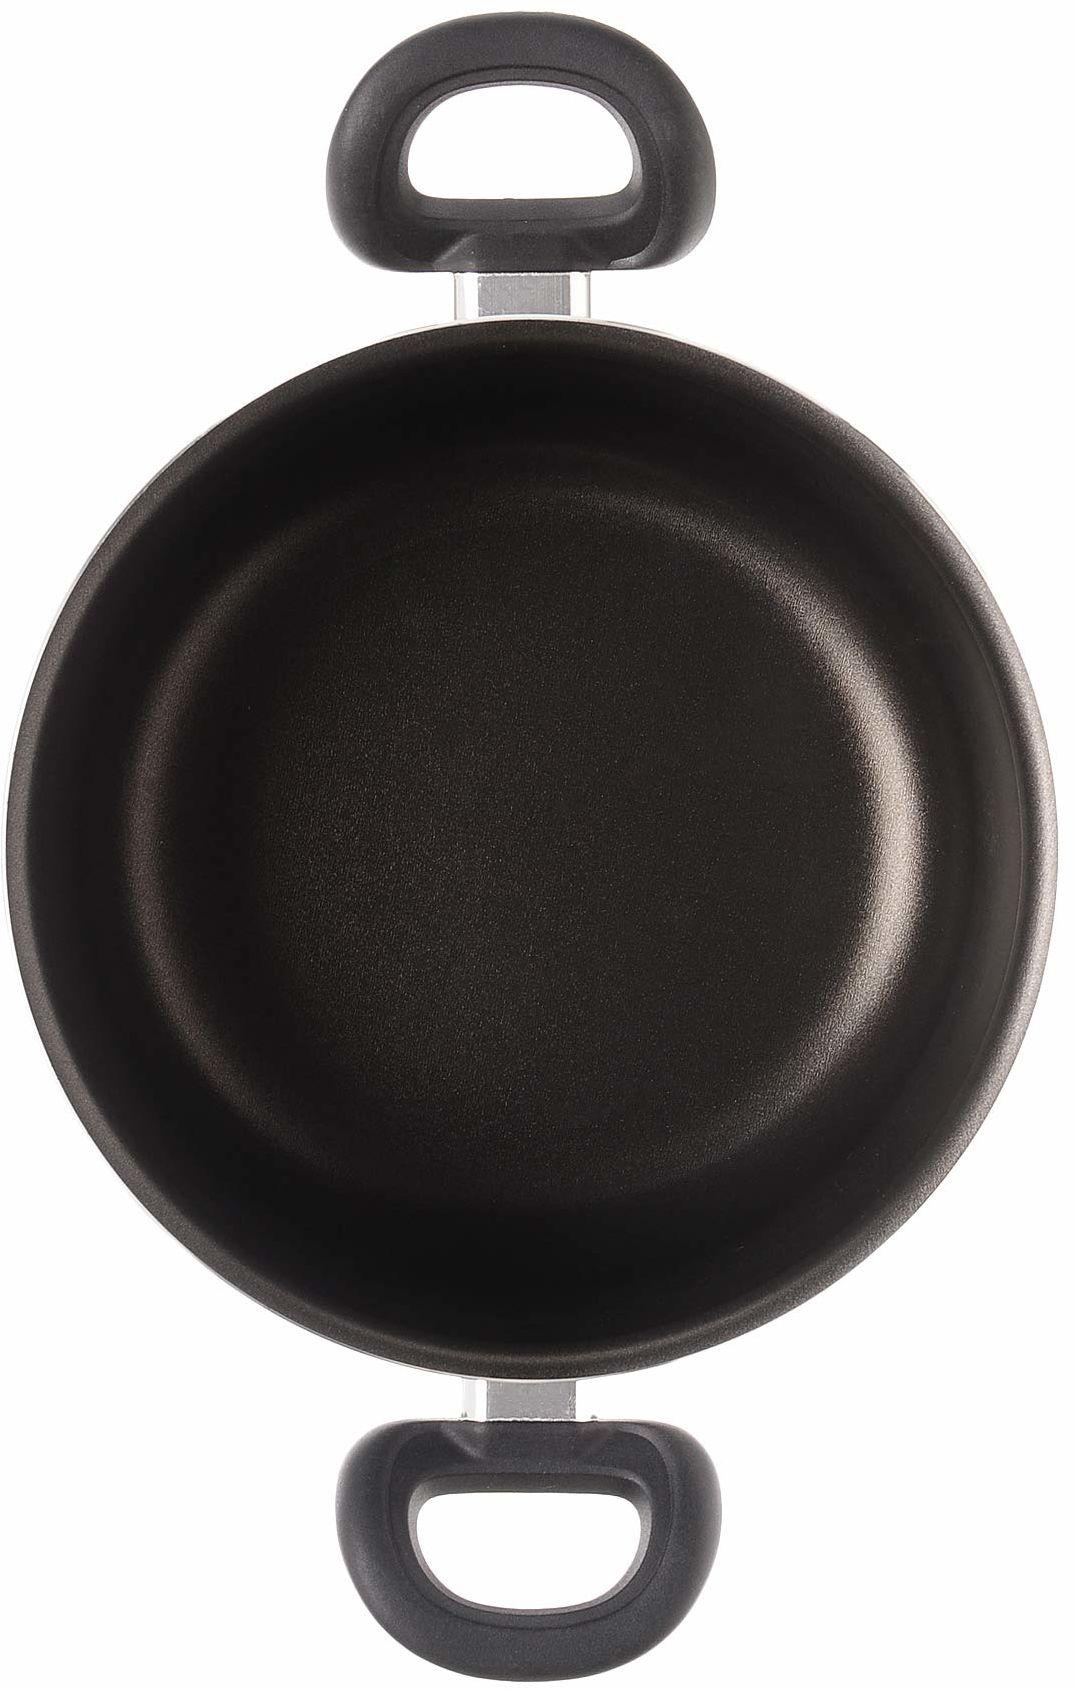 Alluflon Cucina garnek do duszenia, 28 cm, 7,8 l, aluminium